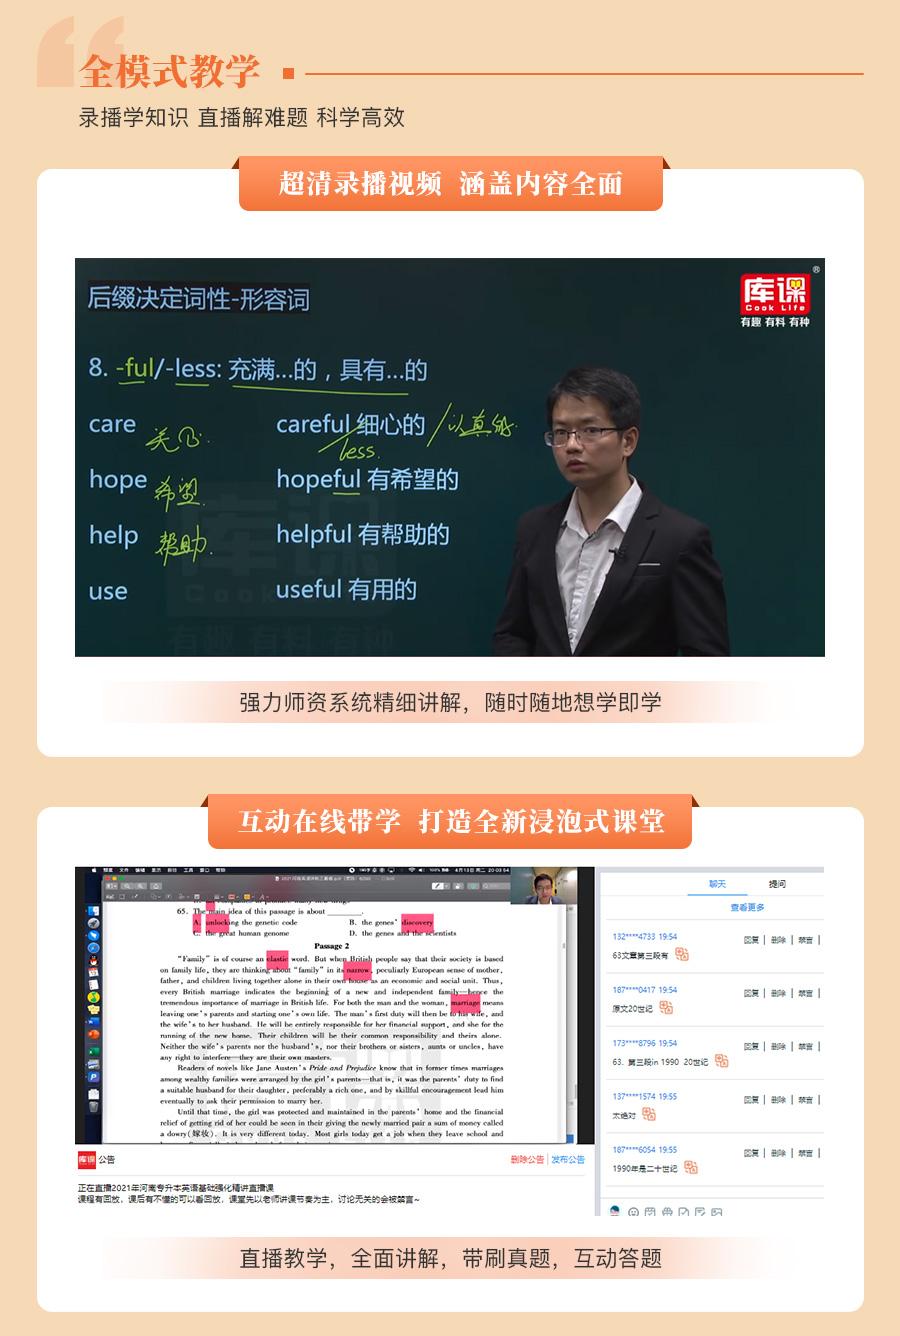 广东-vip-英语+政治+语文_05.jpg